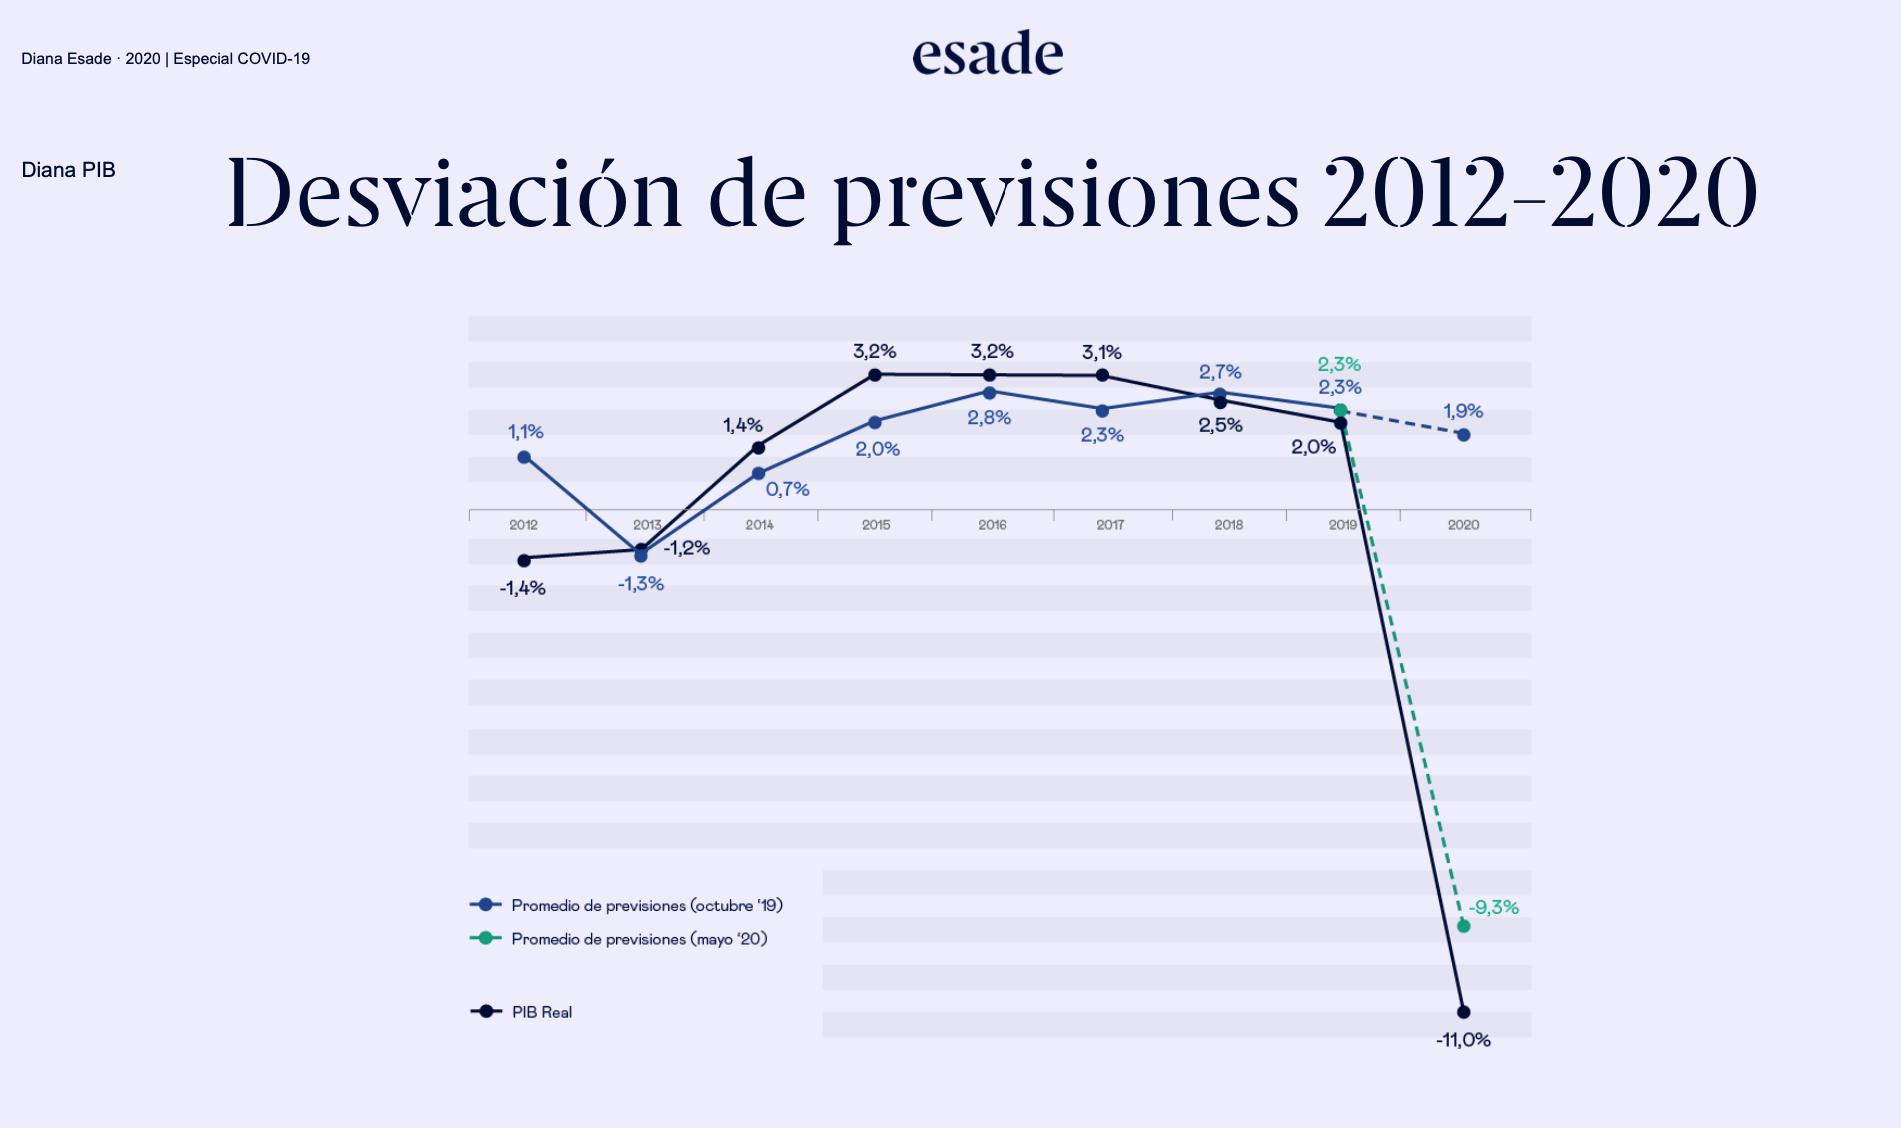 diana-esade-2020-2.png